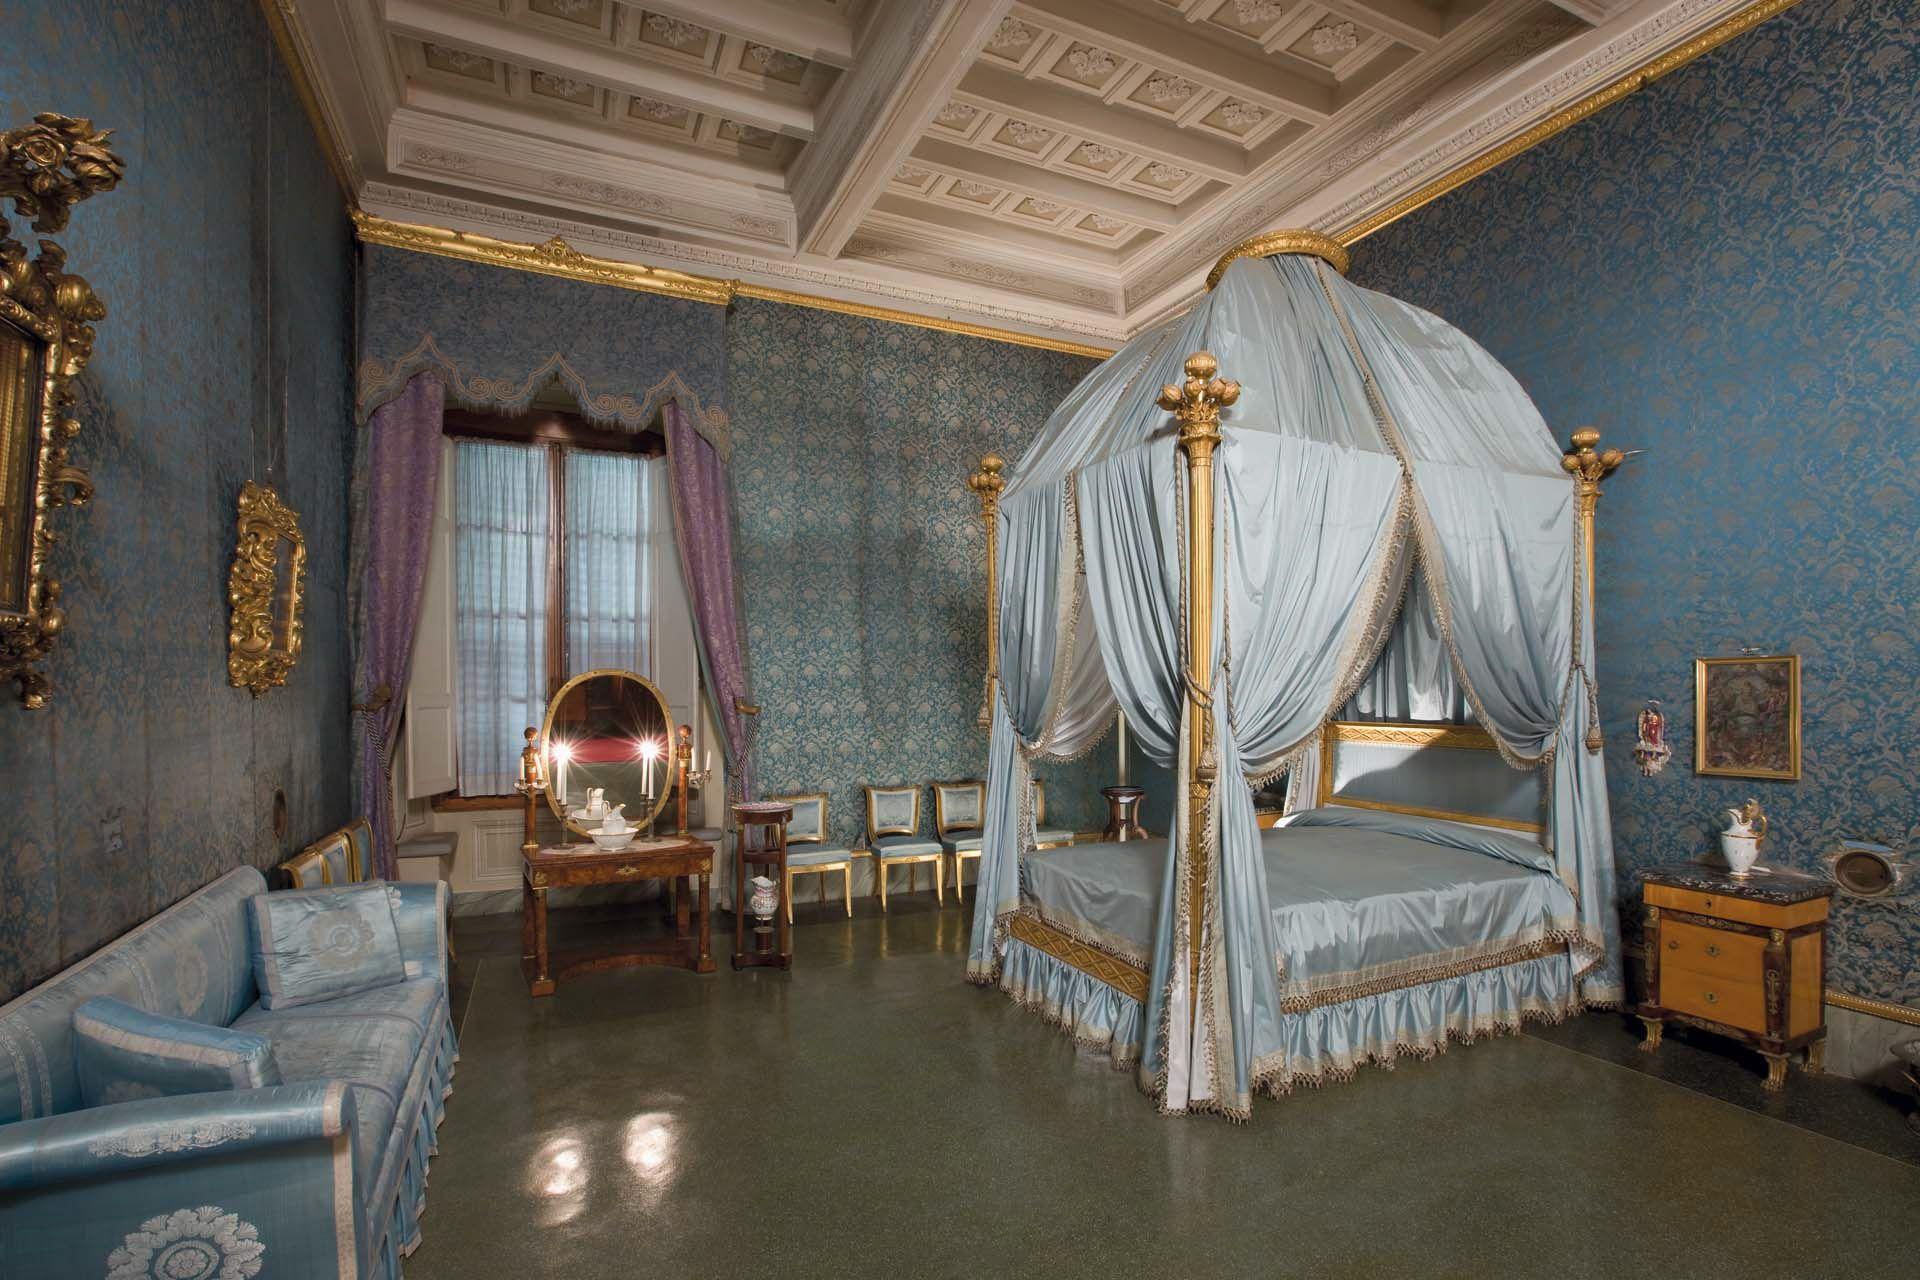 Camere Da Letto Firenze.Villa Della Petraia Firenze La Camera Da Letto Cosiddetta